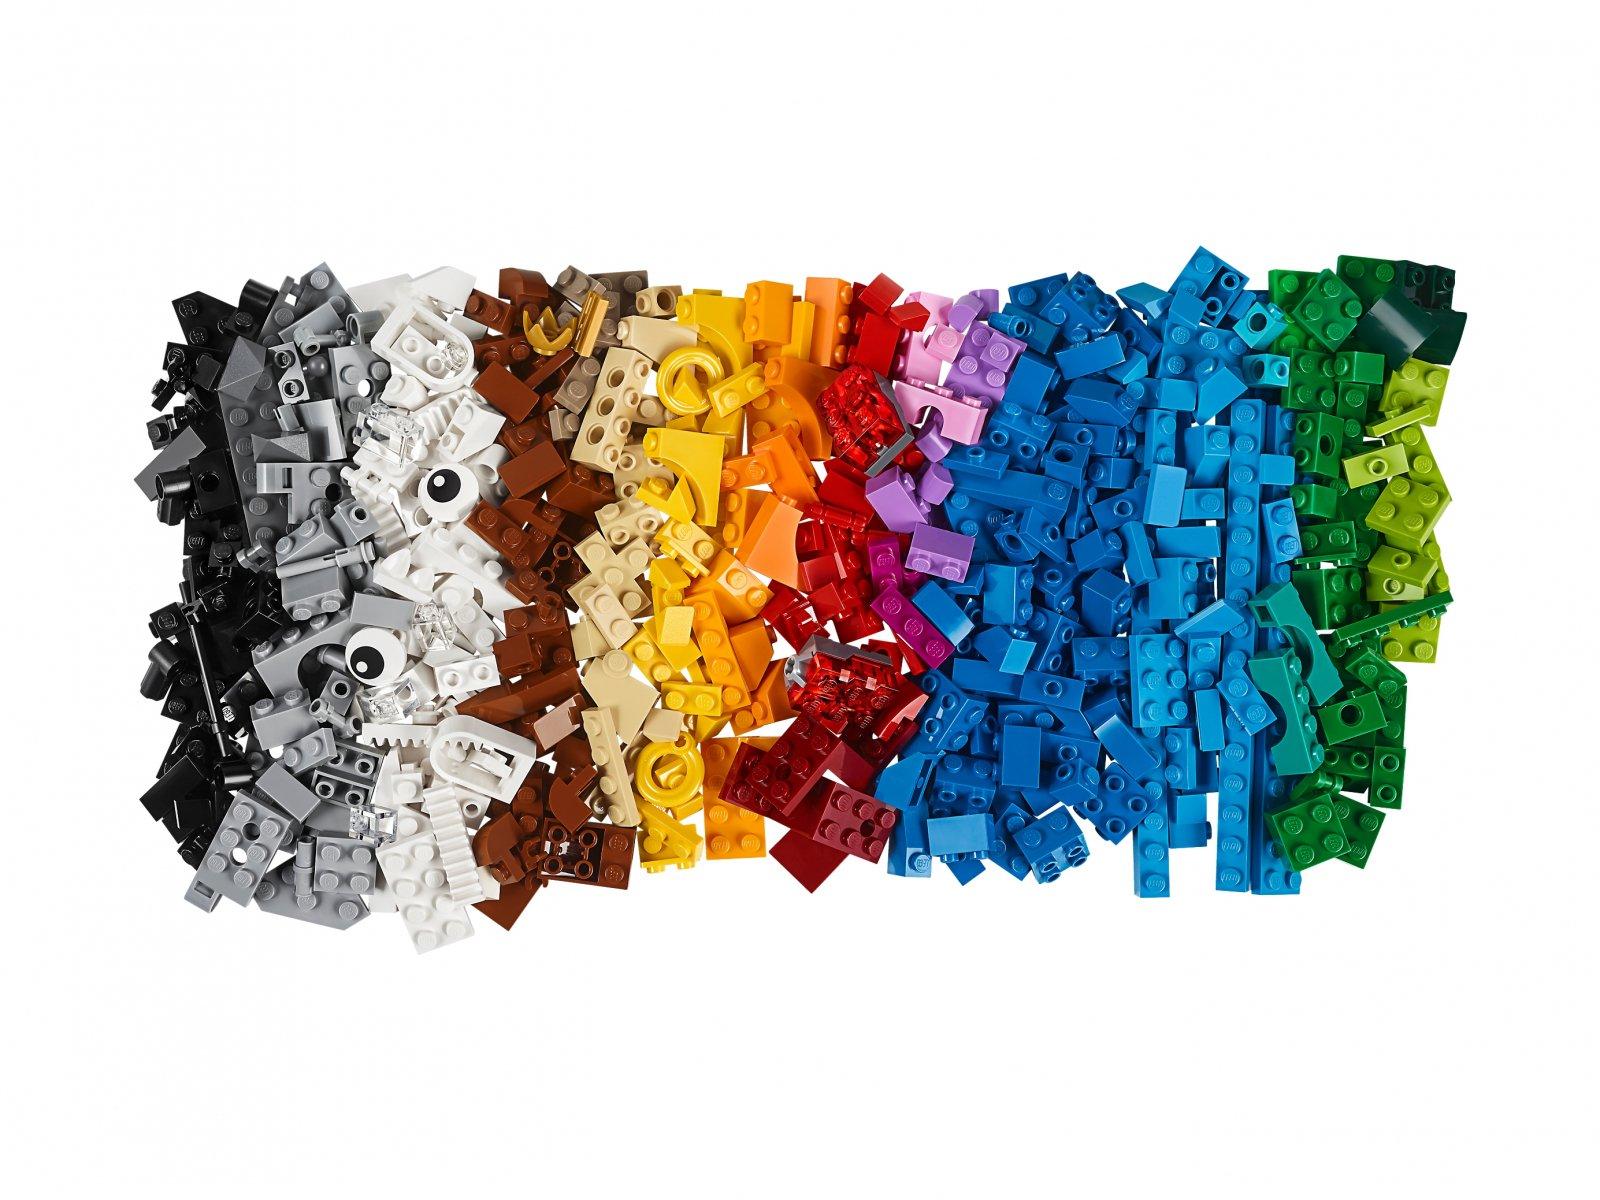 LEGO 11009 Klocki i światła